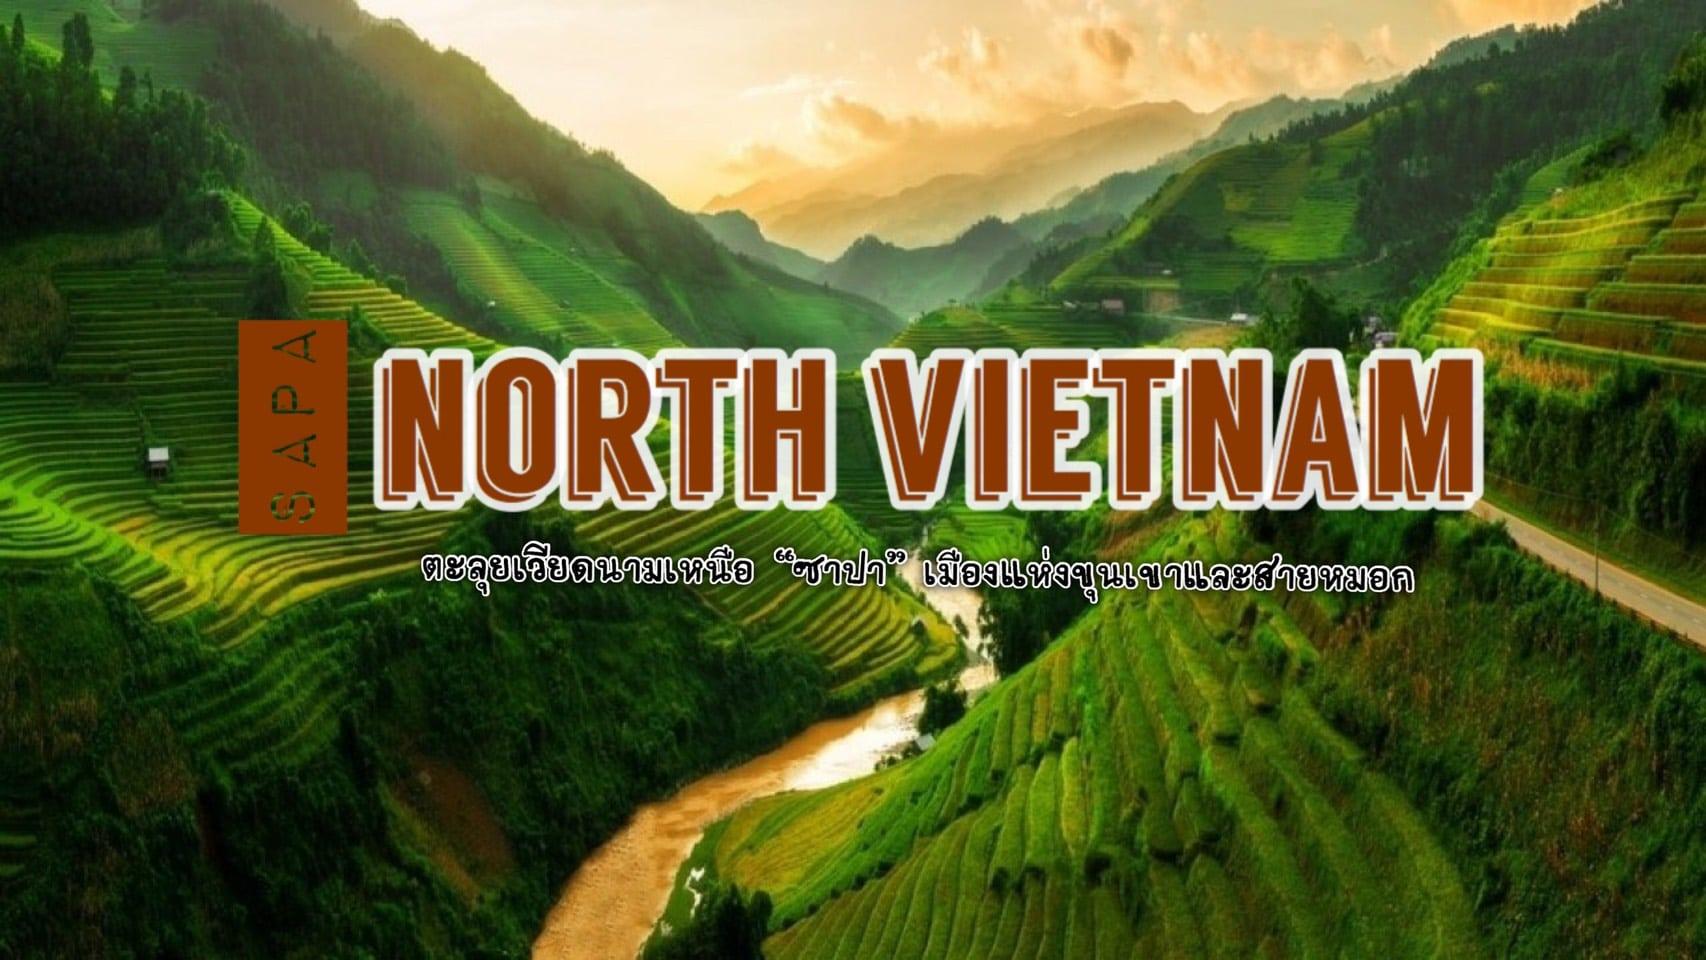 ทัวร์เวียดนาม – เที่ยวยังไงให้เป๊ะปัง ตะลุยเวียดนามเหนือ ที่ซาปาเมืองแห่งขุนเขาสายหมอก